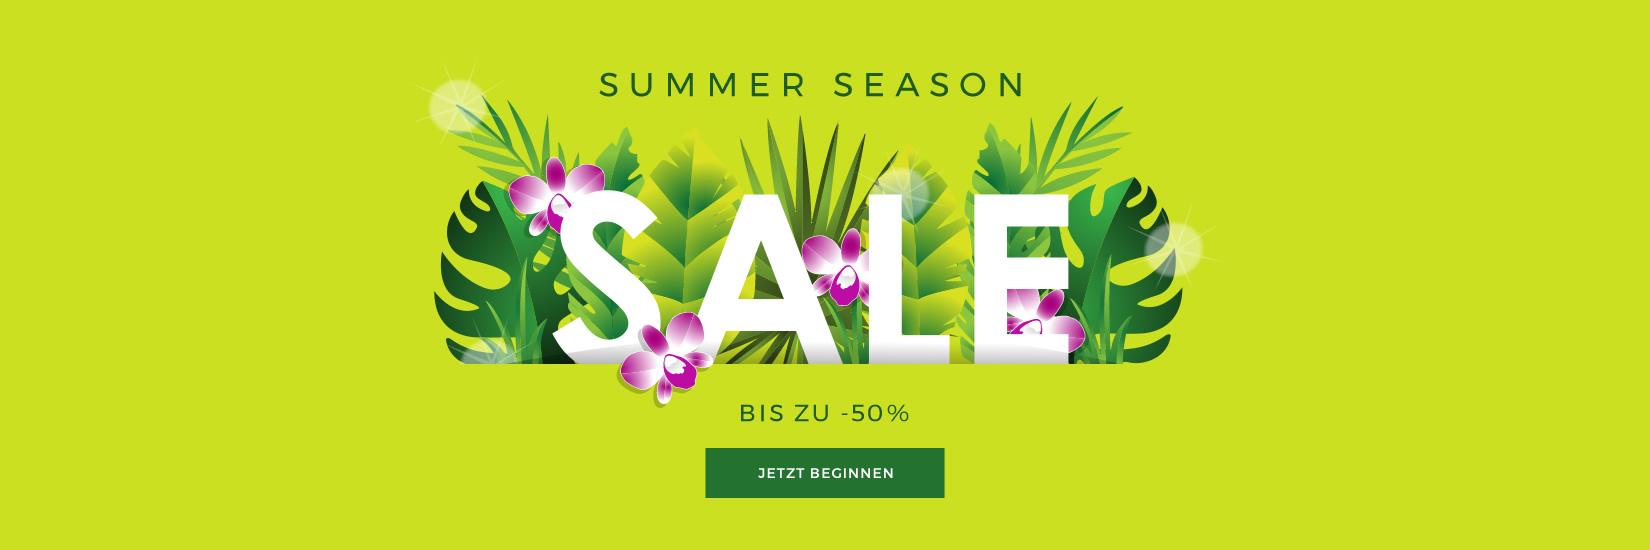 SUMMER SEASON SALE BIS ZU -50% ENDET AM 31.07